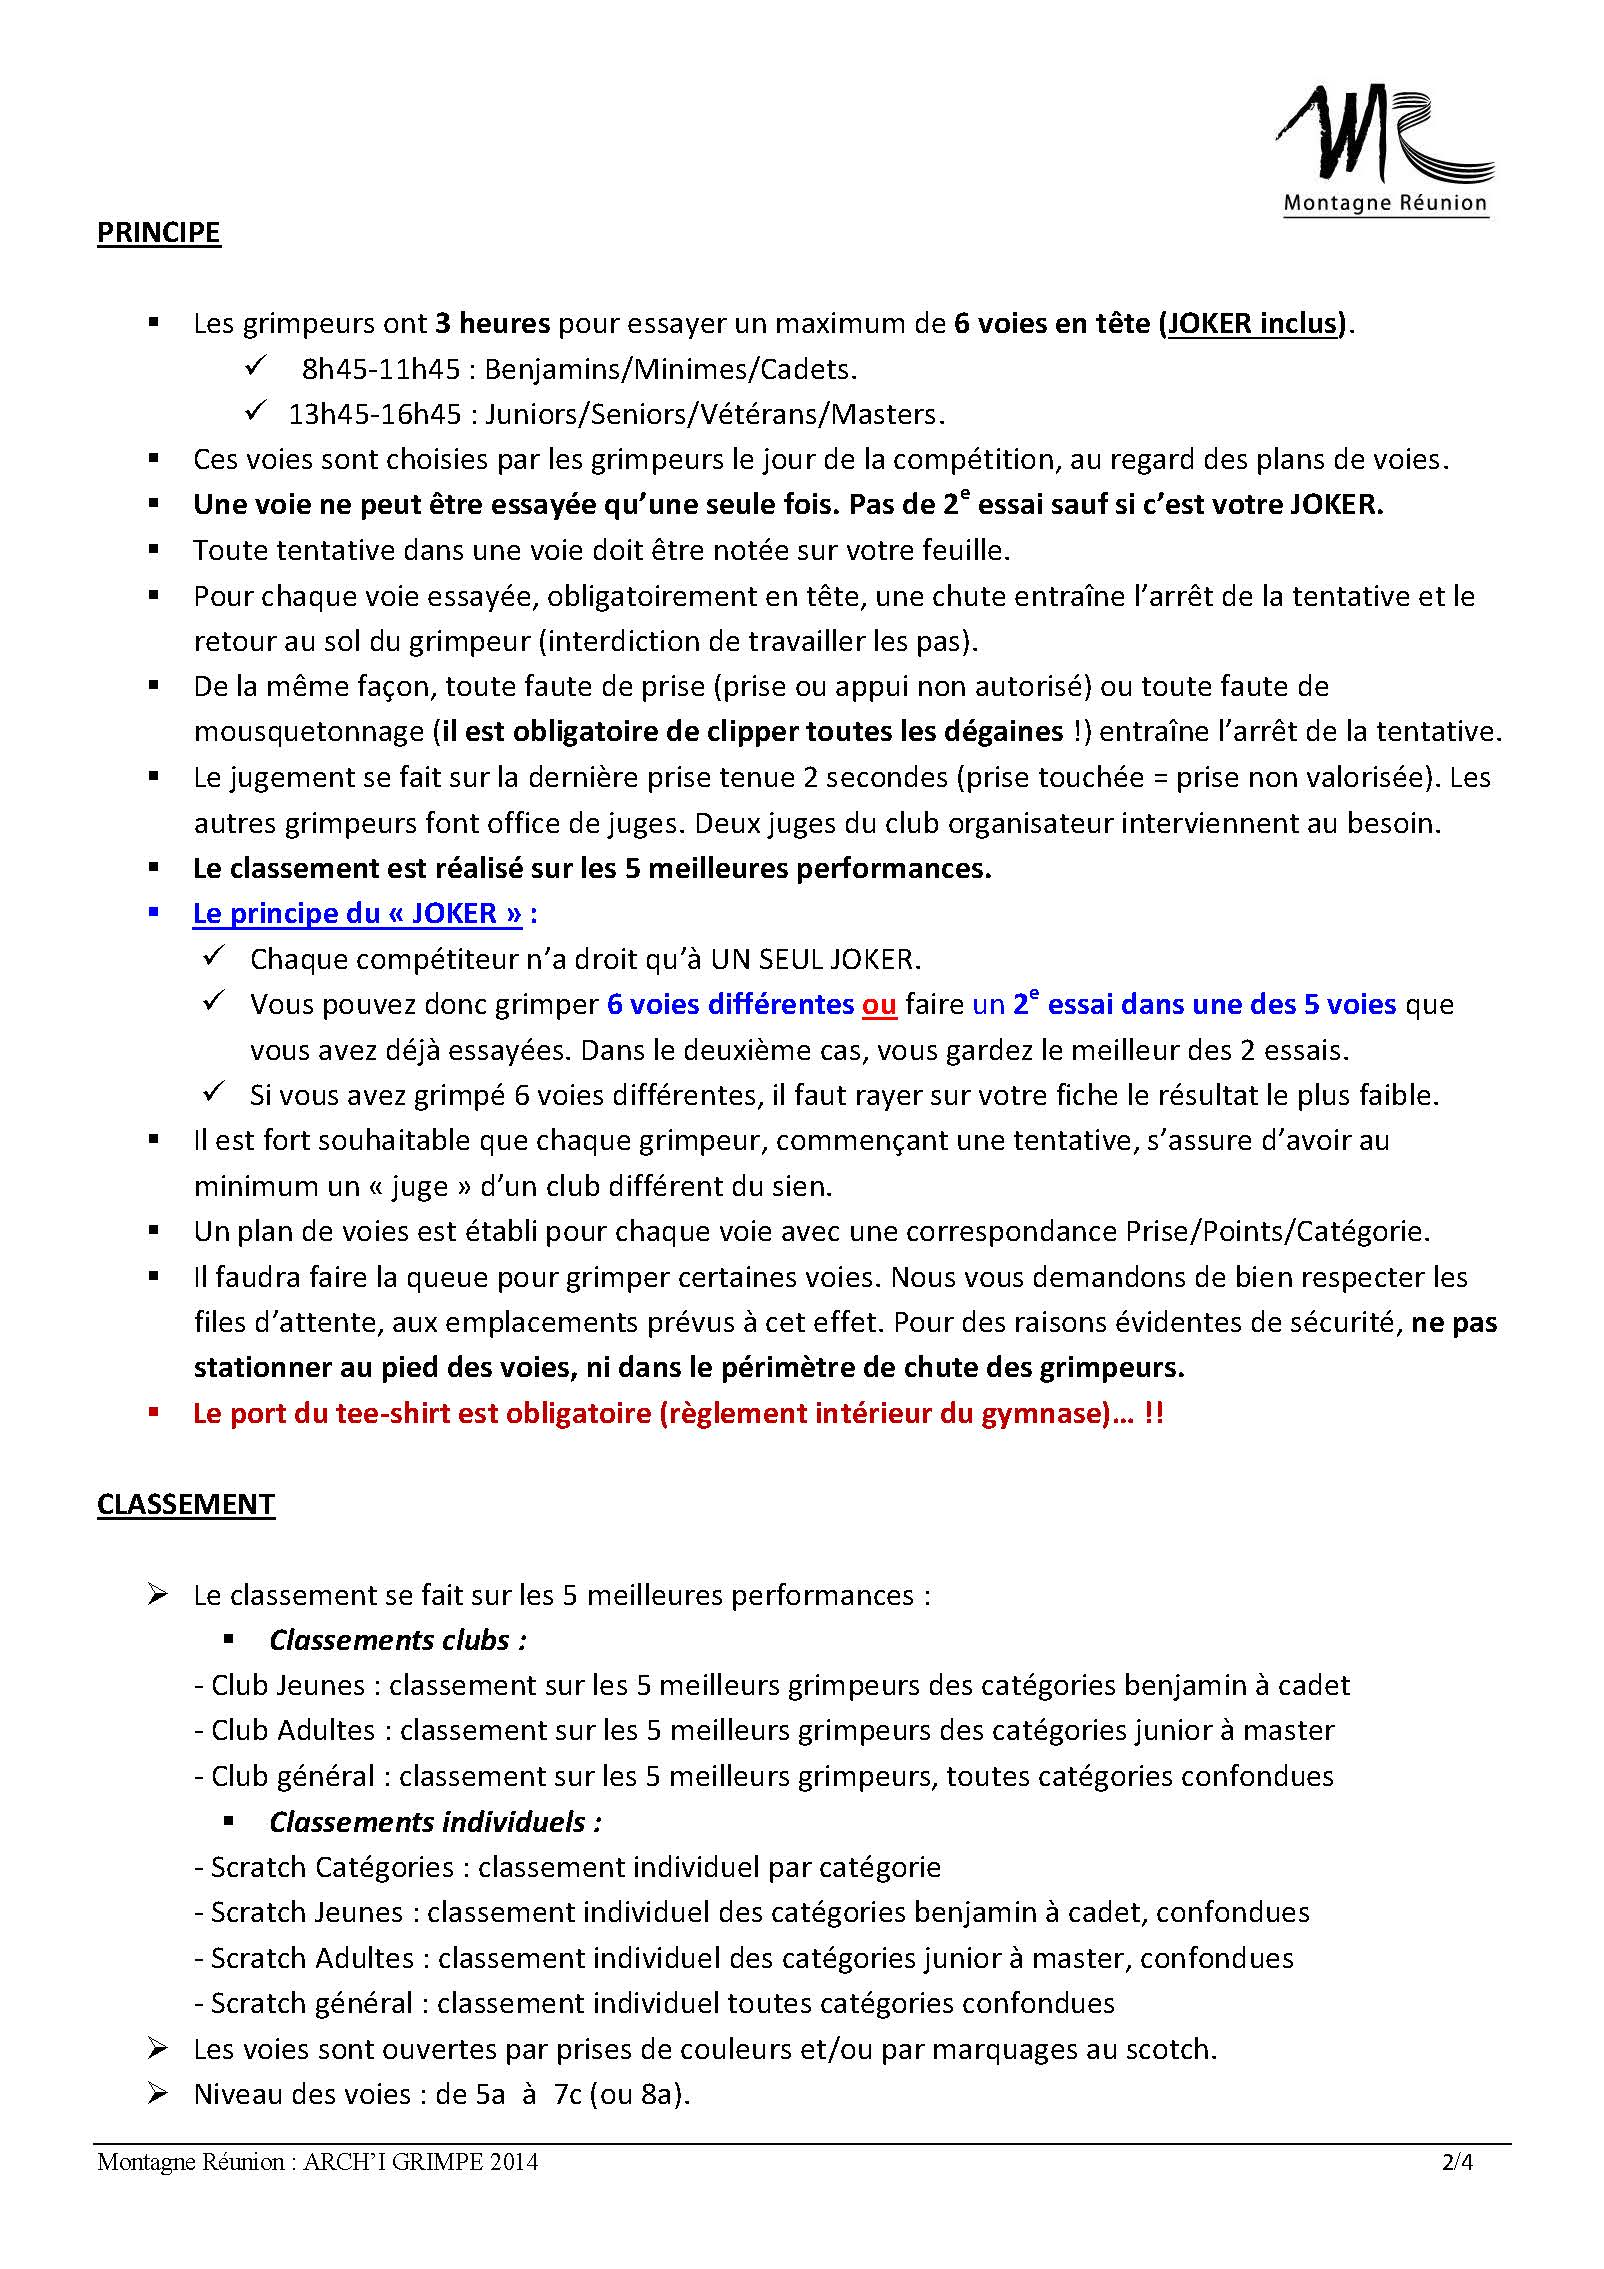 archigrimpe 2014_reglement v2_Page_2